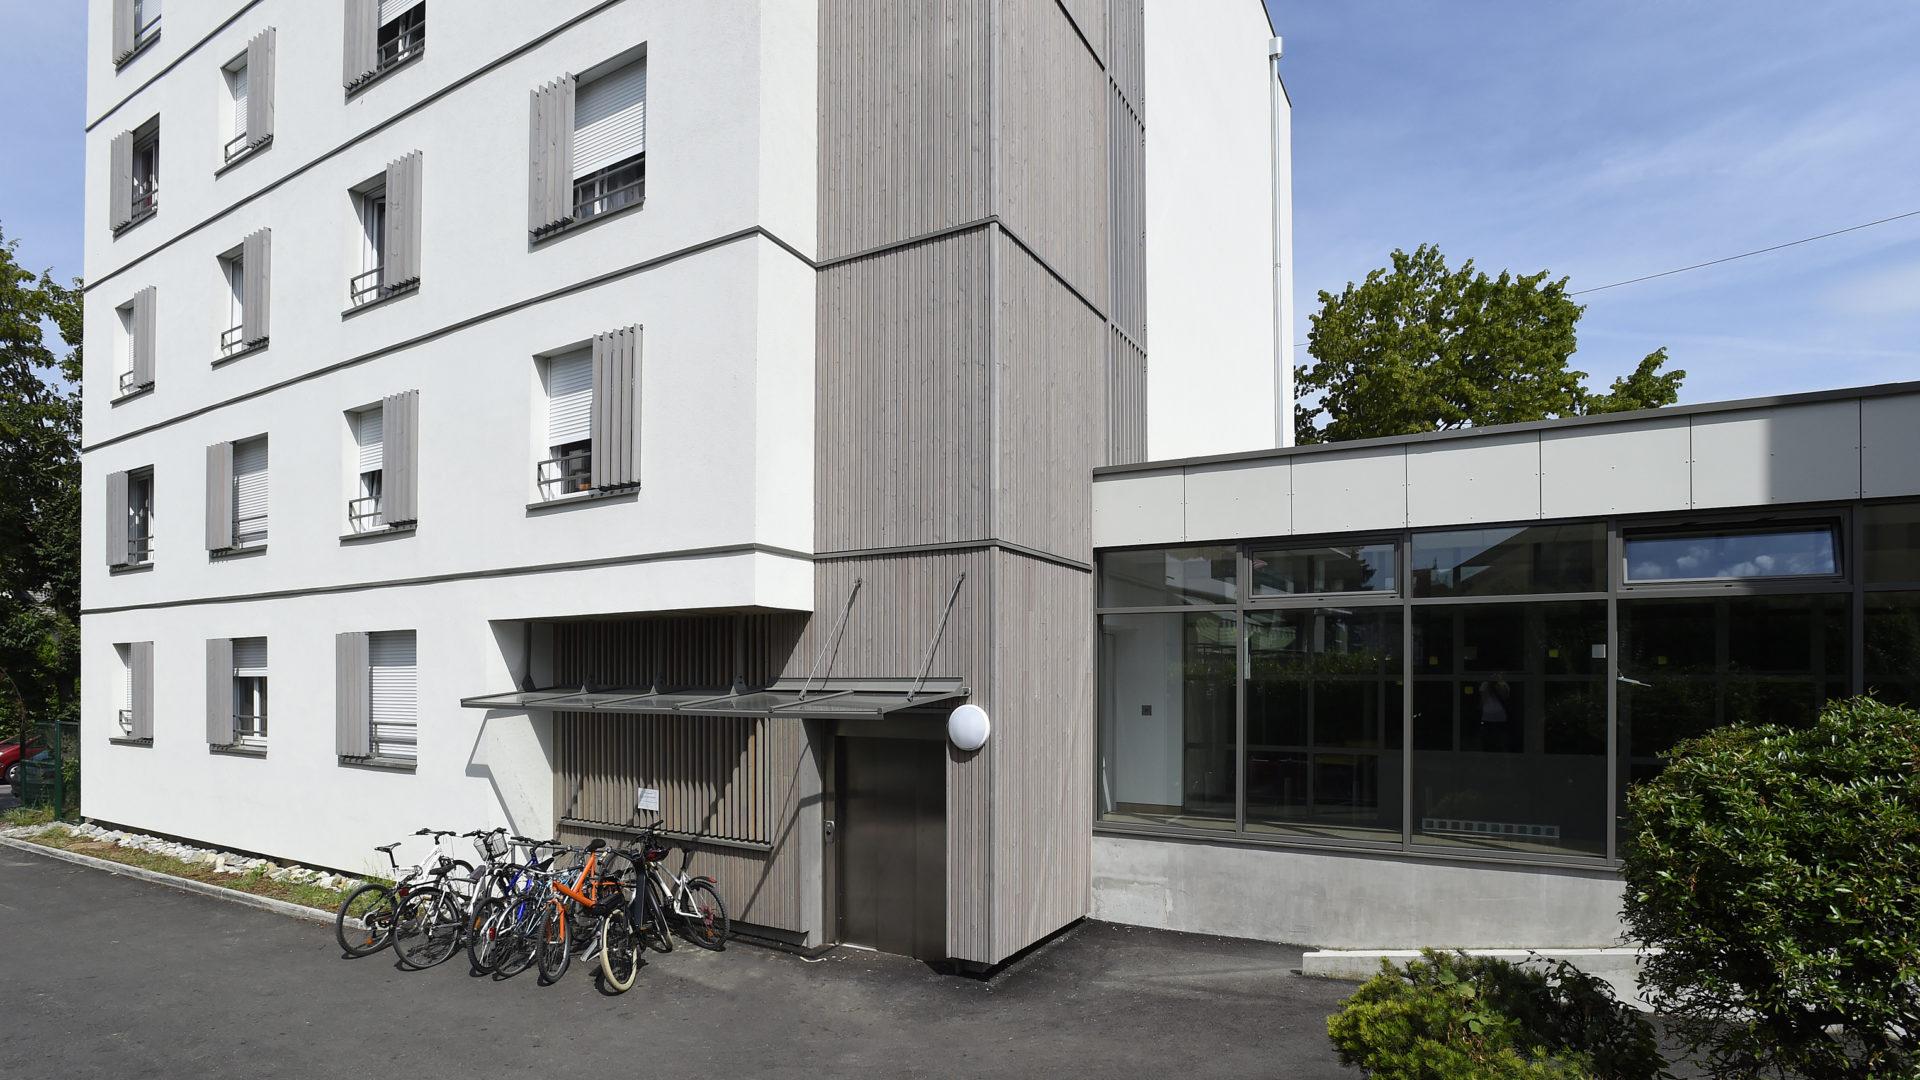 Bri re architectes le boutae for Jeune architecte